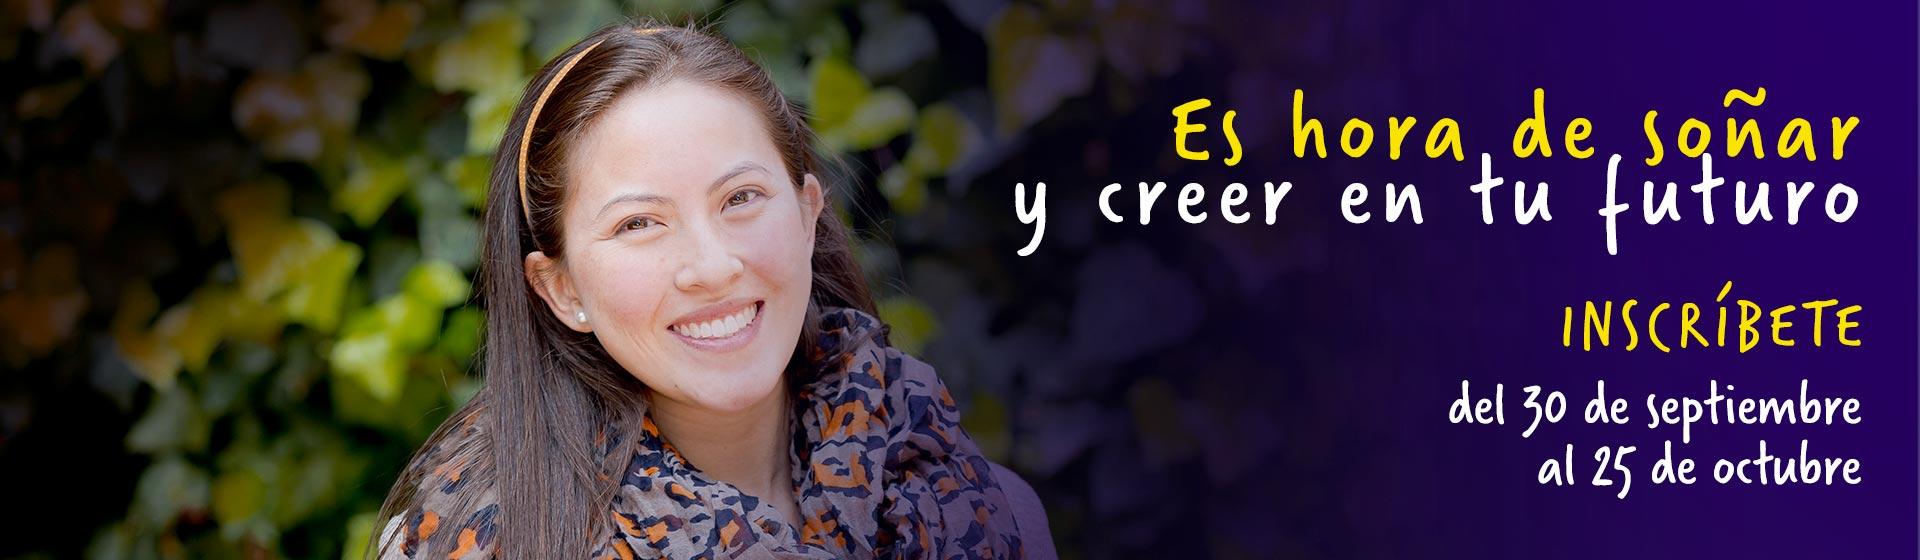 """Imagen de mujer sonriendo con letrero: """"Es hora de soñar y creer en tu futuro"""""""